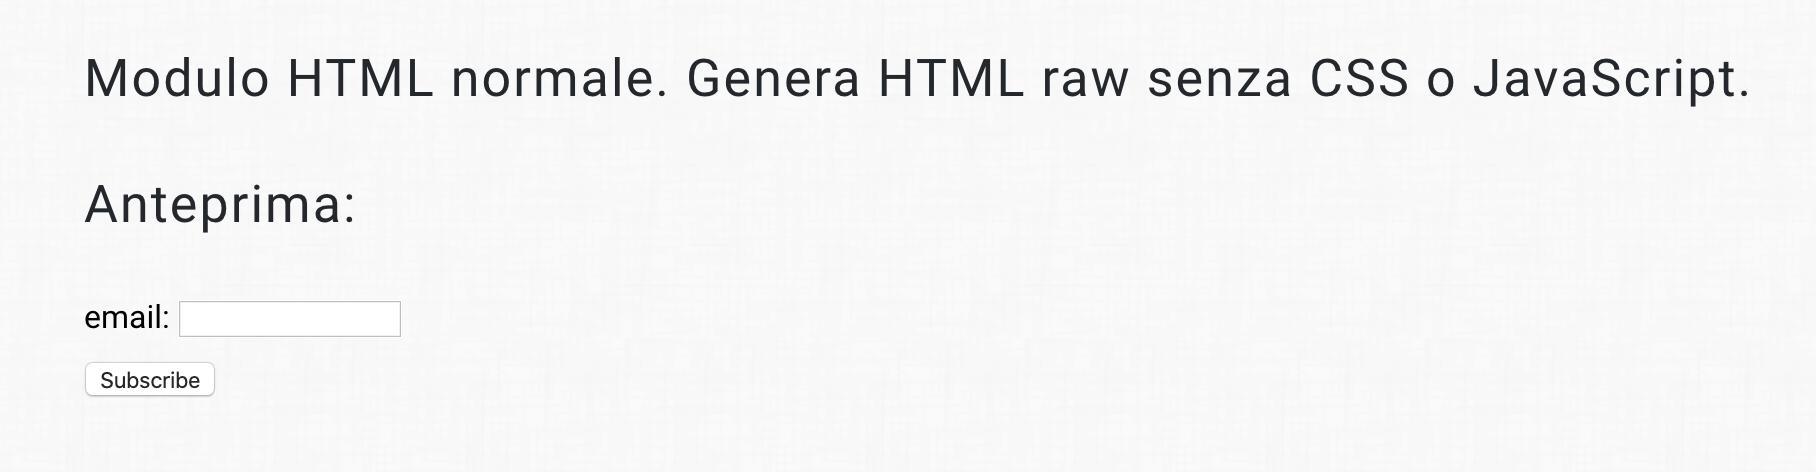 HTML anteprima